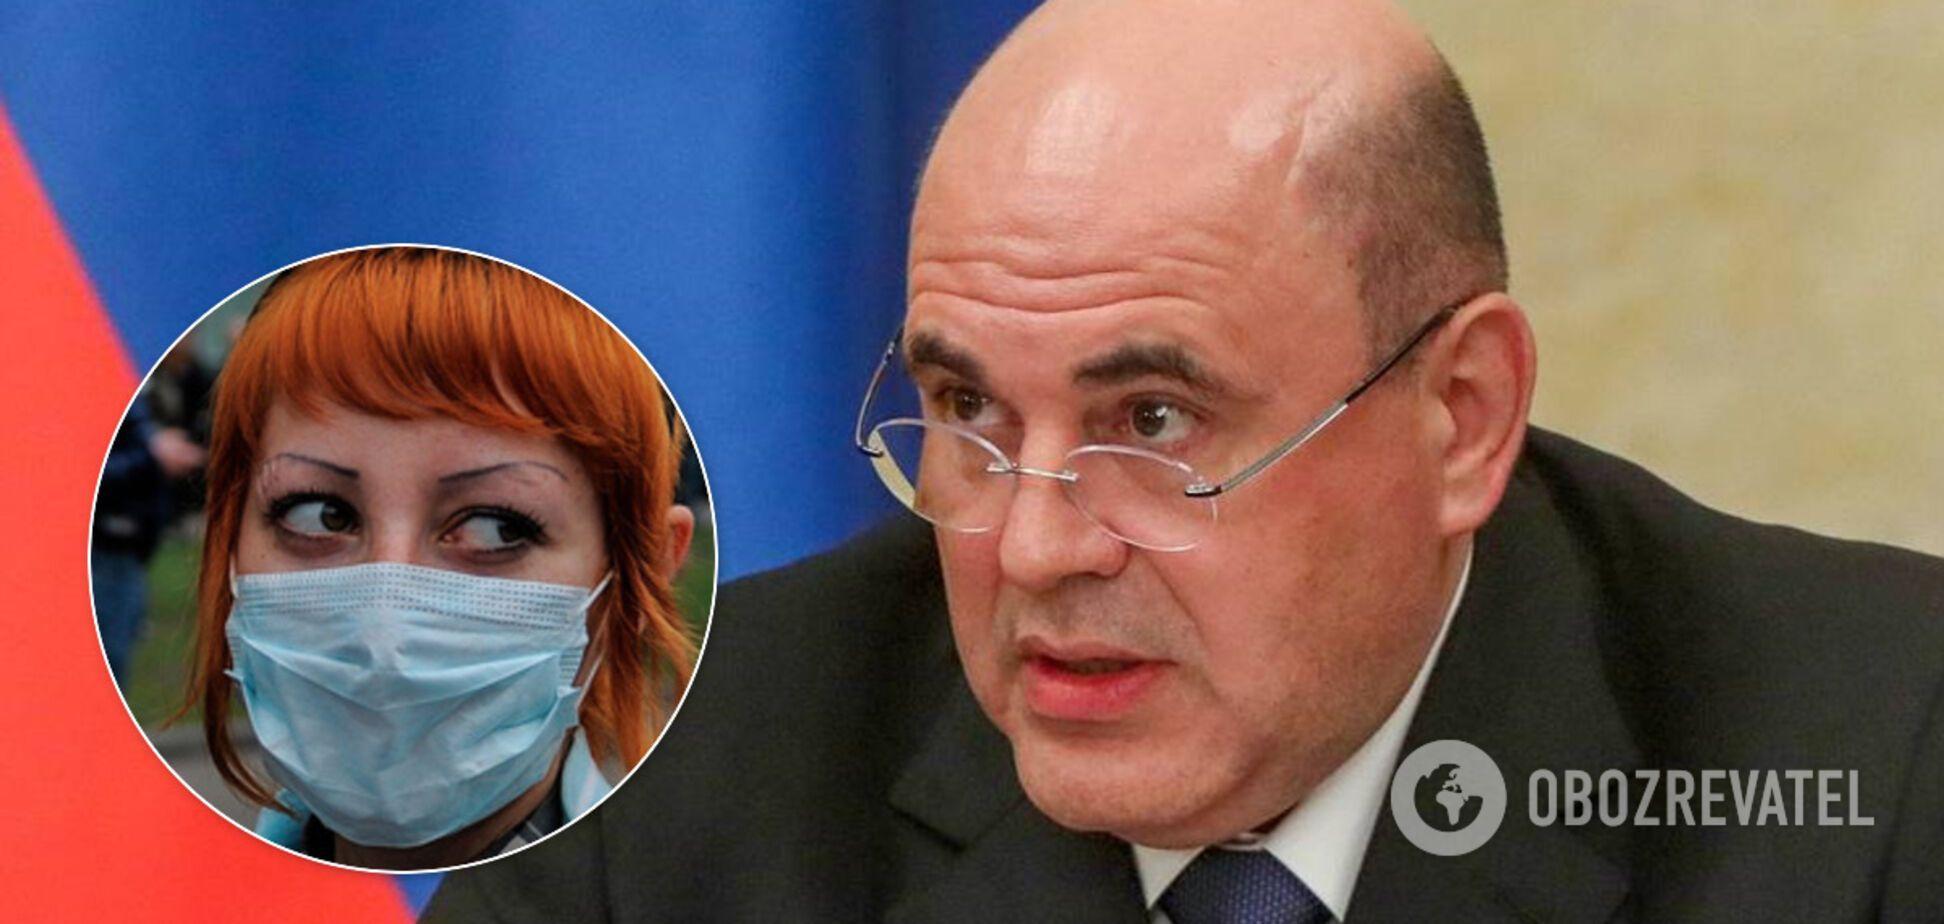 Мишустин запретил вывозить из России маски от коронавируса. Документ